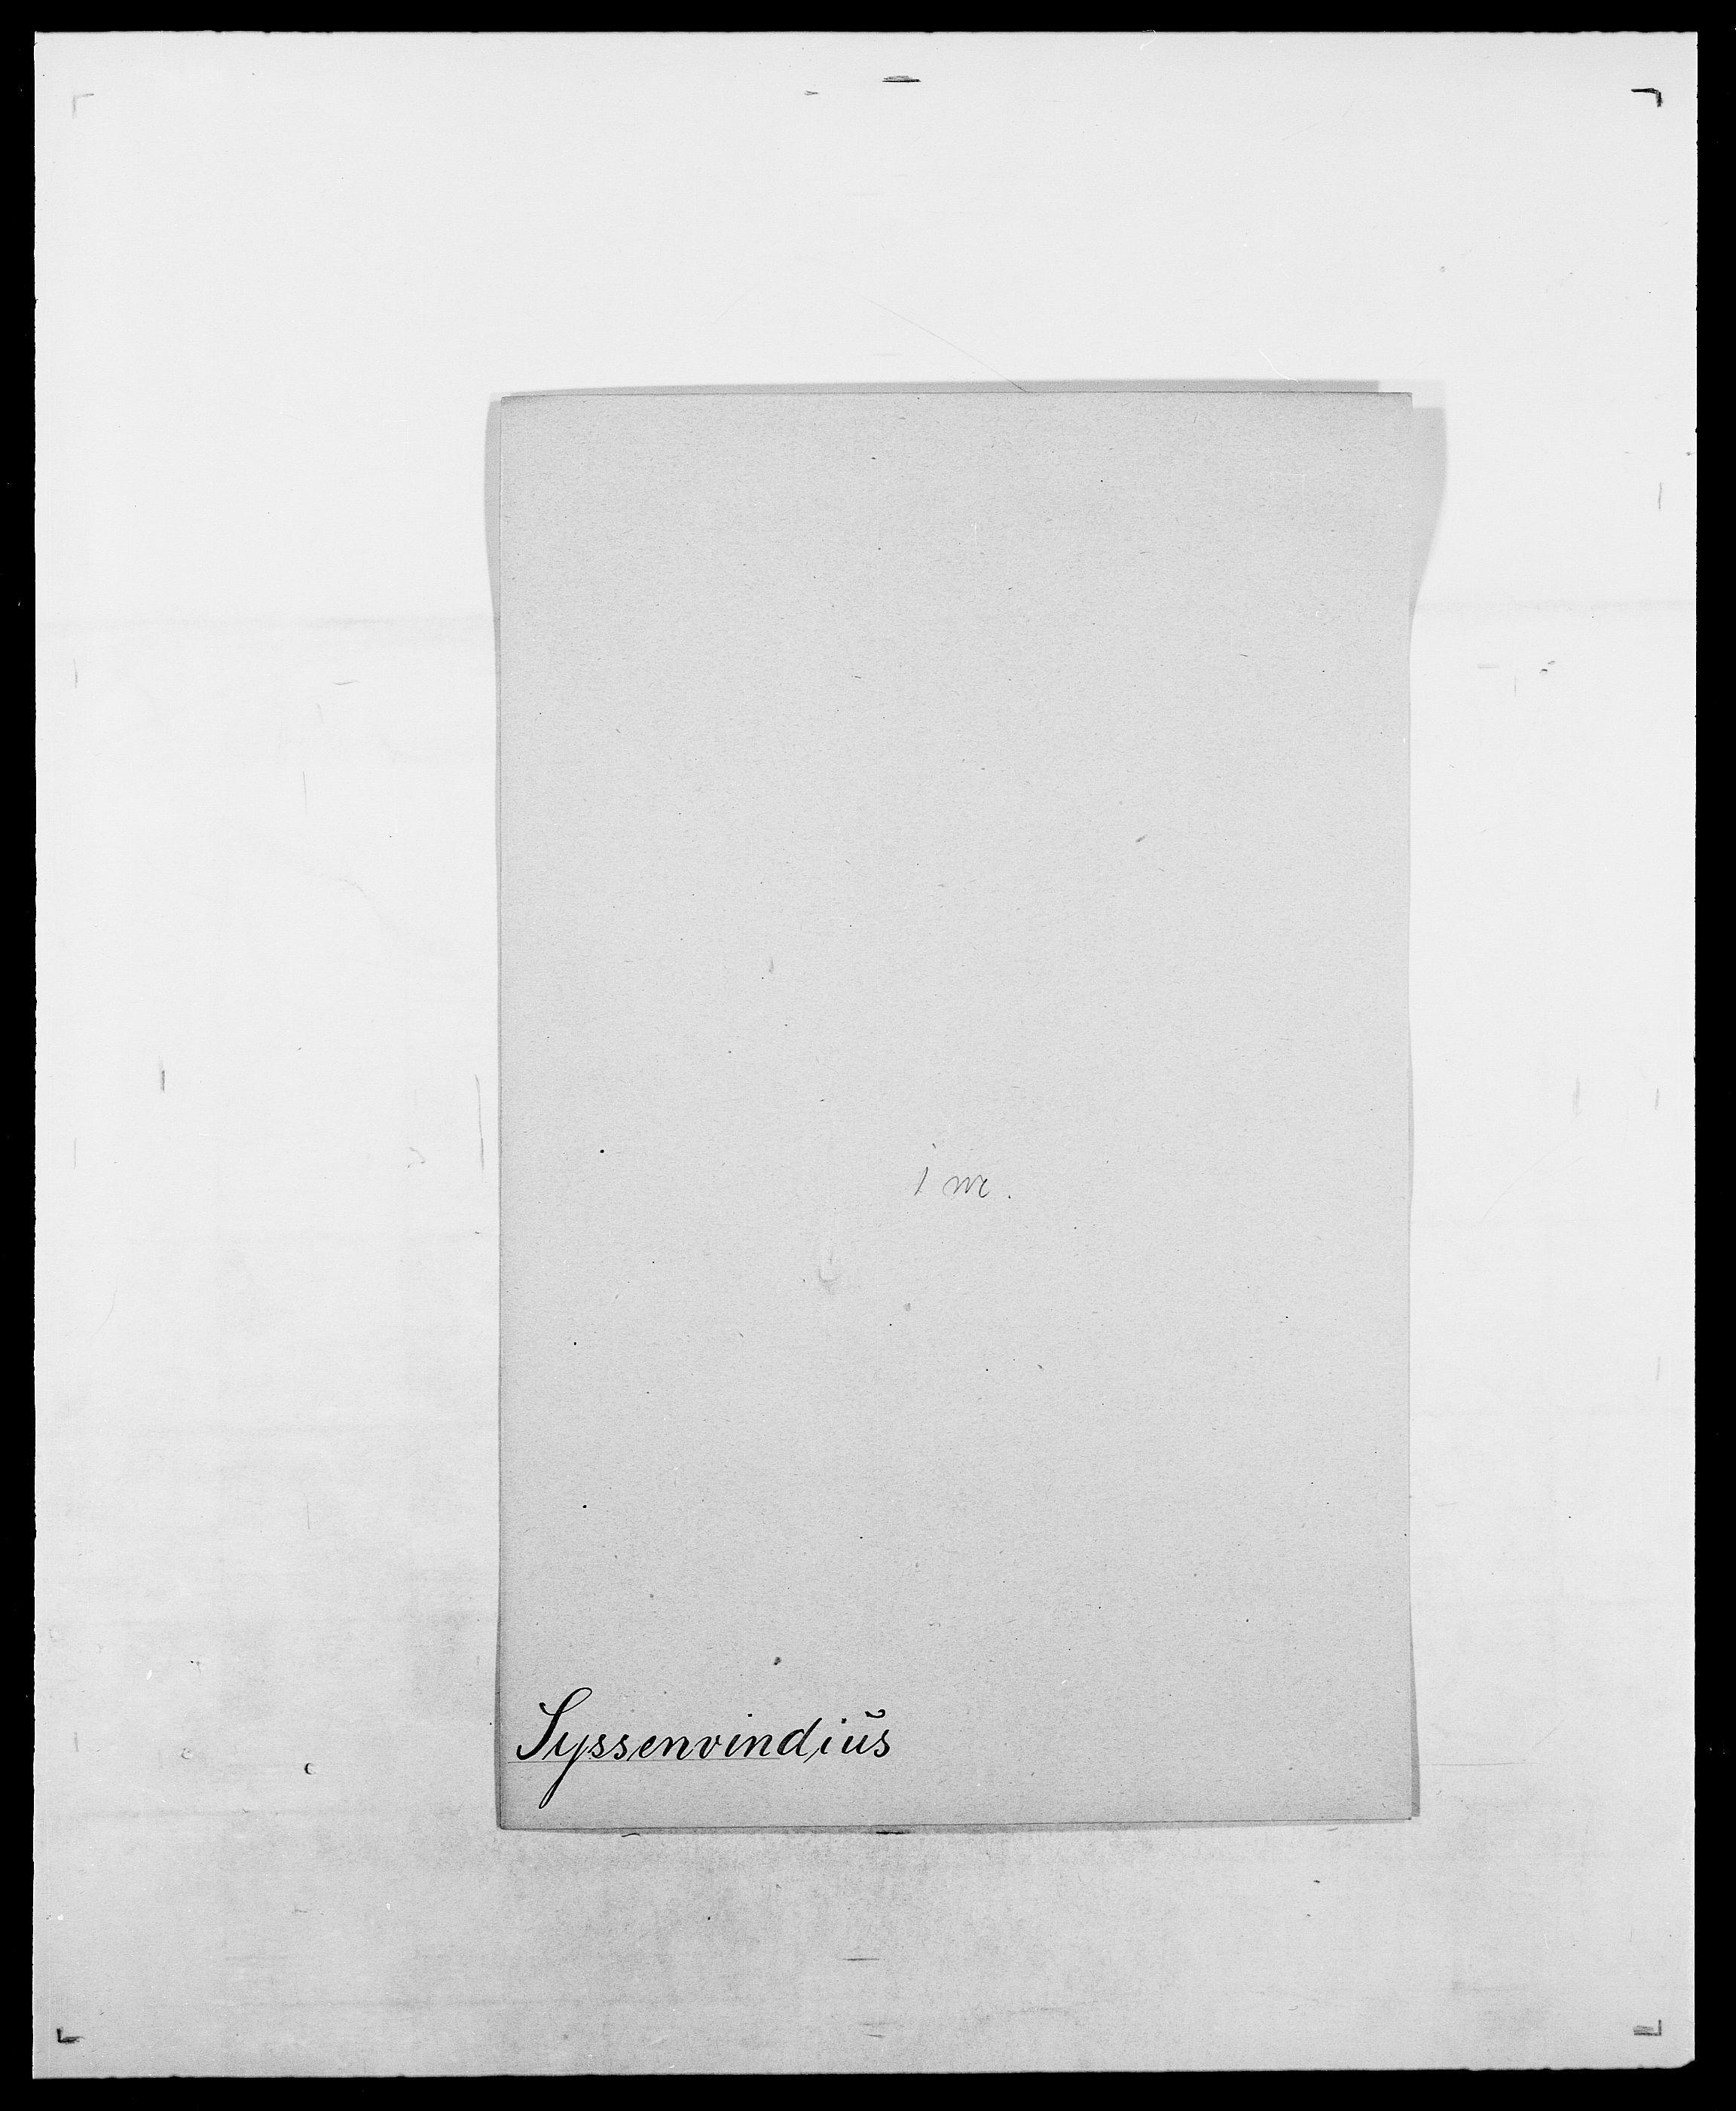 SAO, Delgobe, Charles Antoine - samling, D/Da/L0038: Svanenskjold - Thornsohn, s. 106